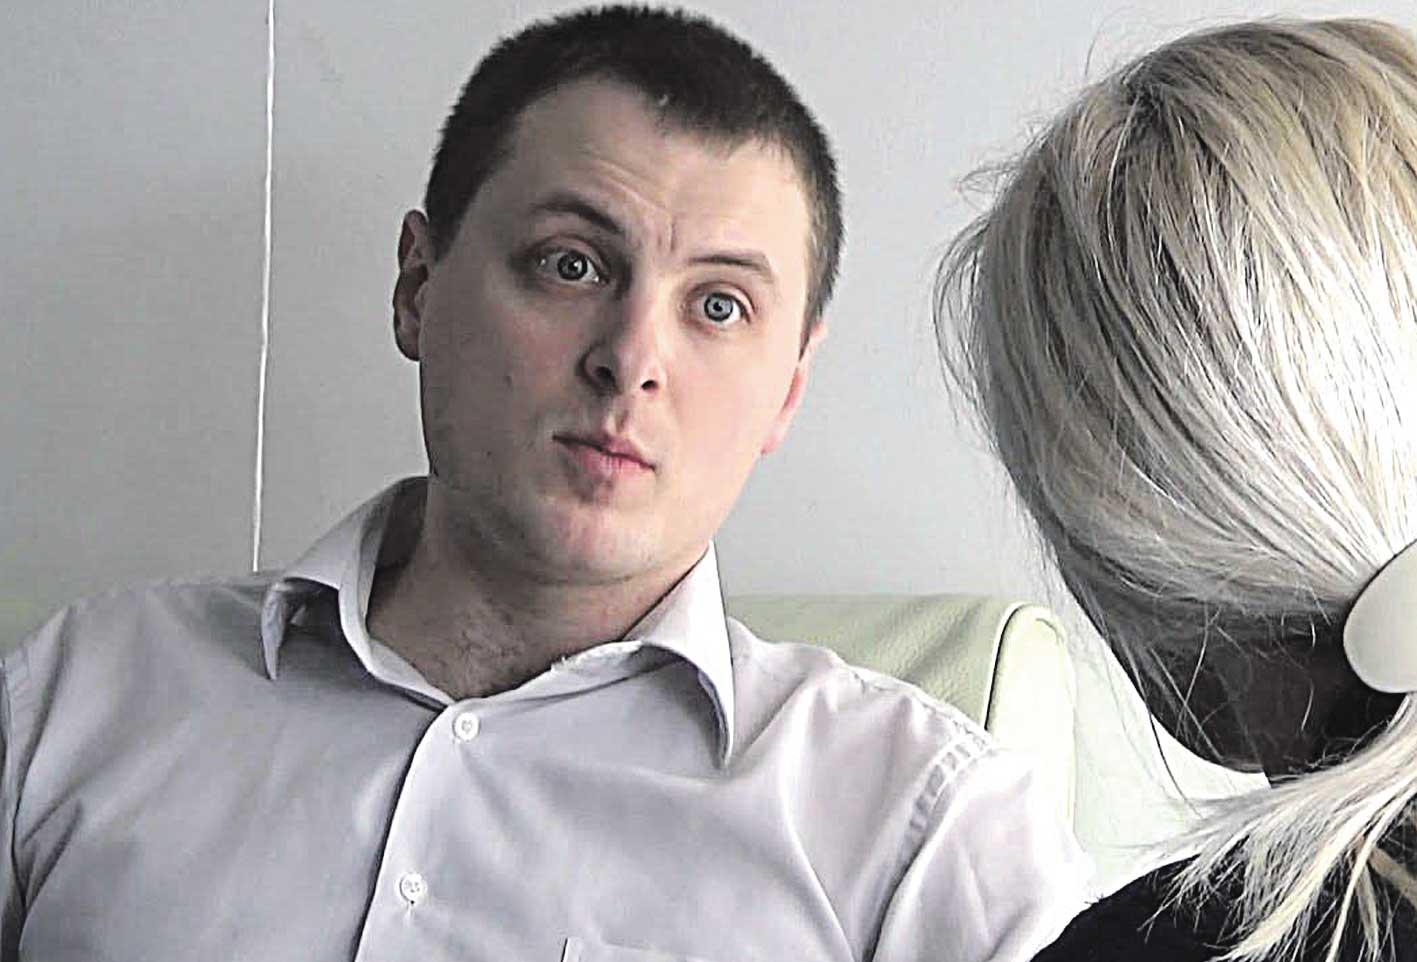 Активісту Черкасу знову оголосили підозру через незаконне заволодіння авто. Він вважає ці справи переслідуванням поліції за громадську діяльність